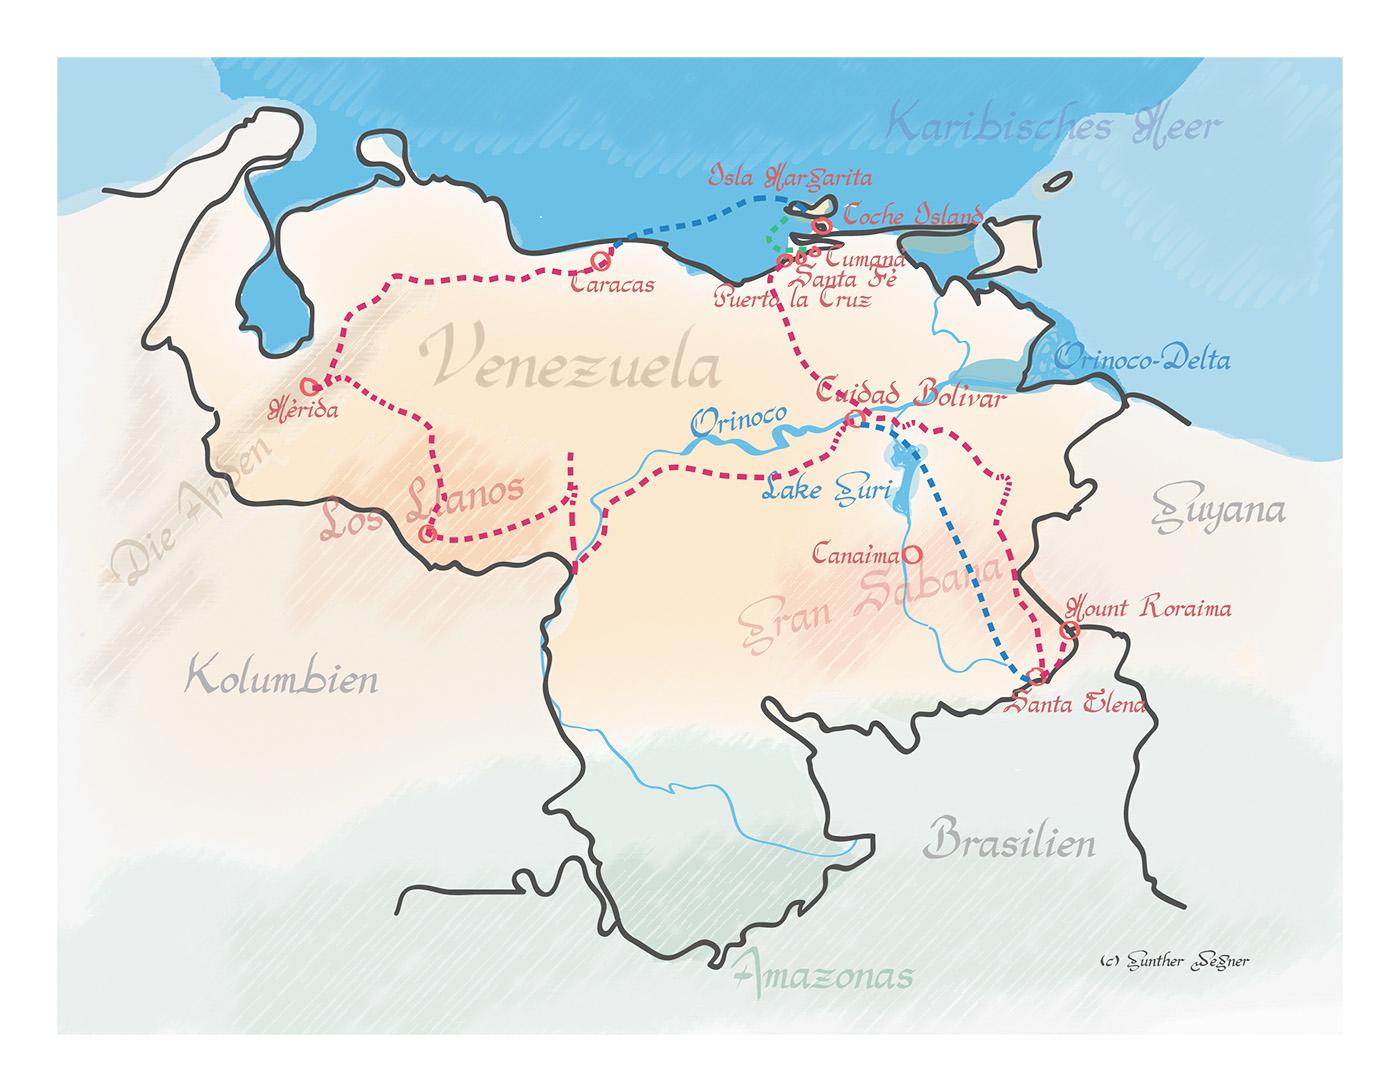 Venezuela Map - Die Landkarte zum Buch - gwegner.de